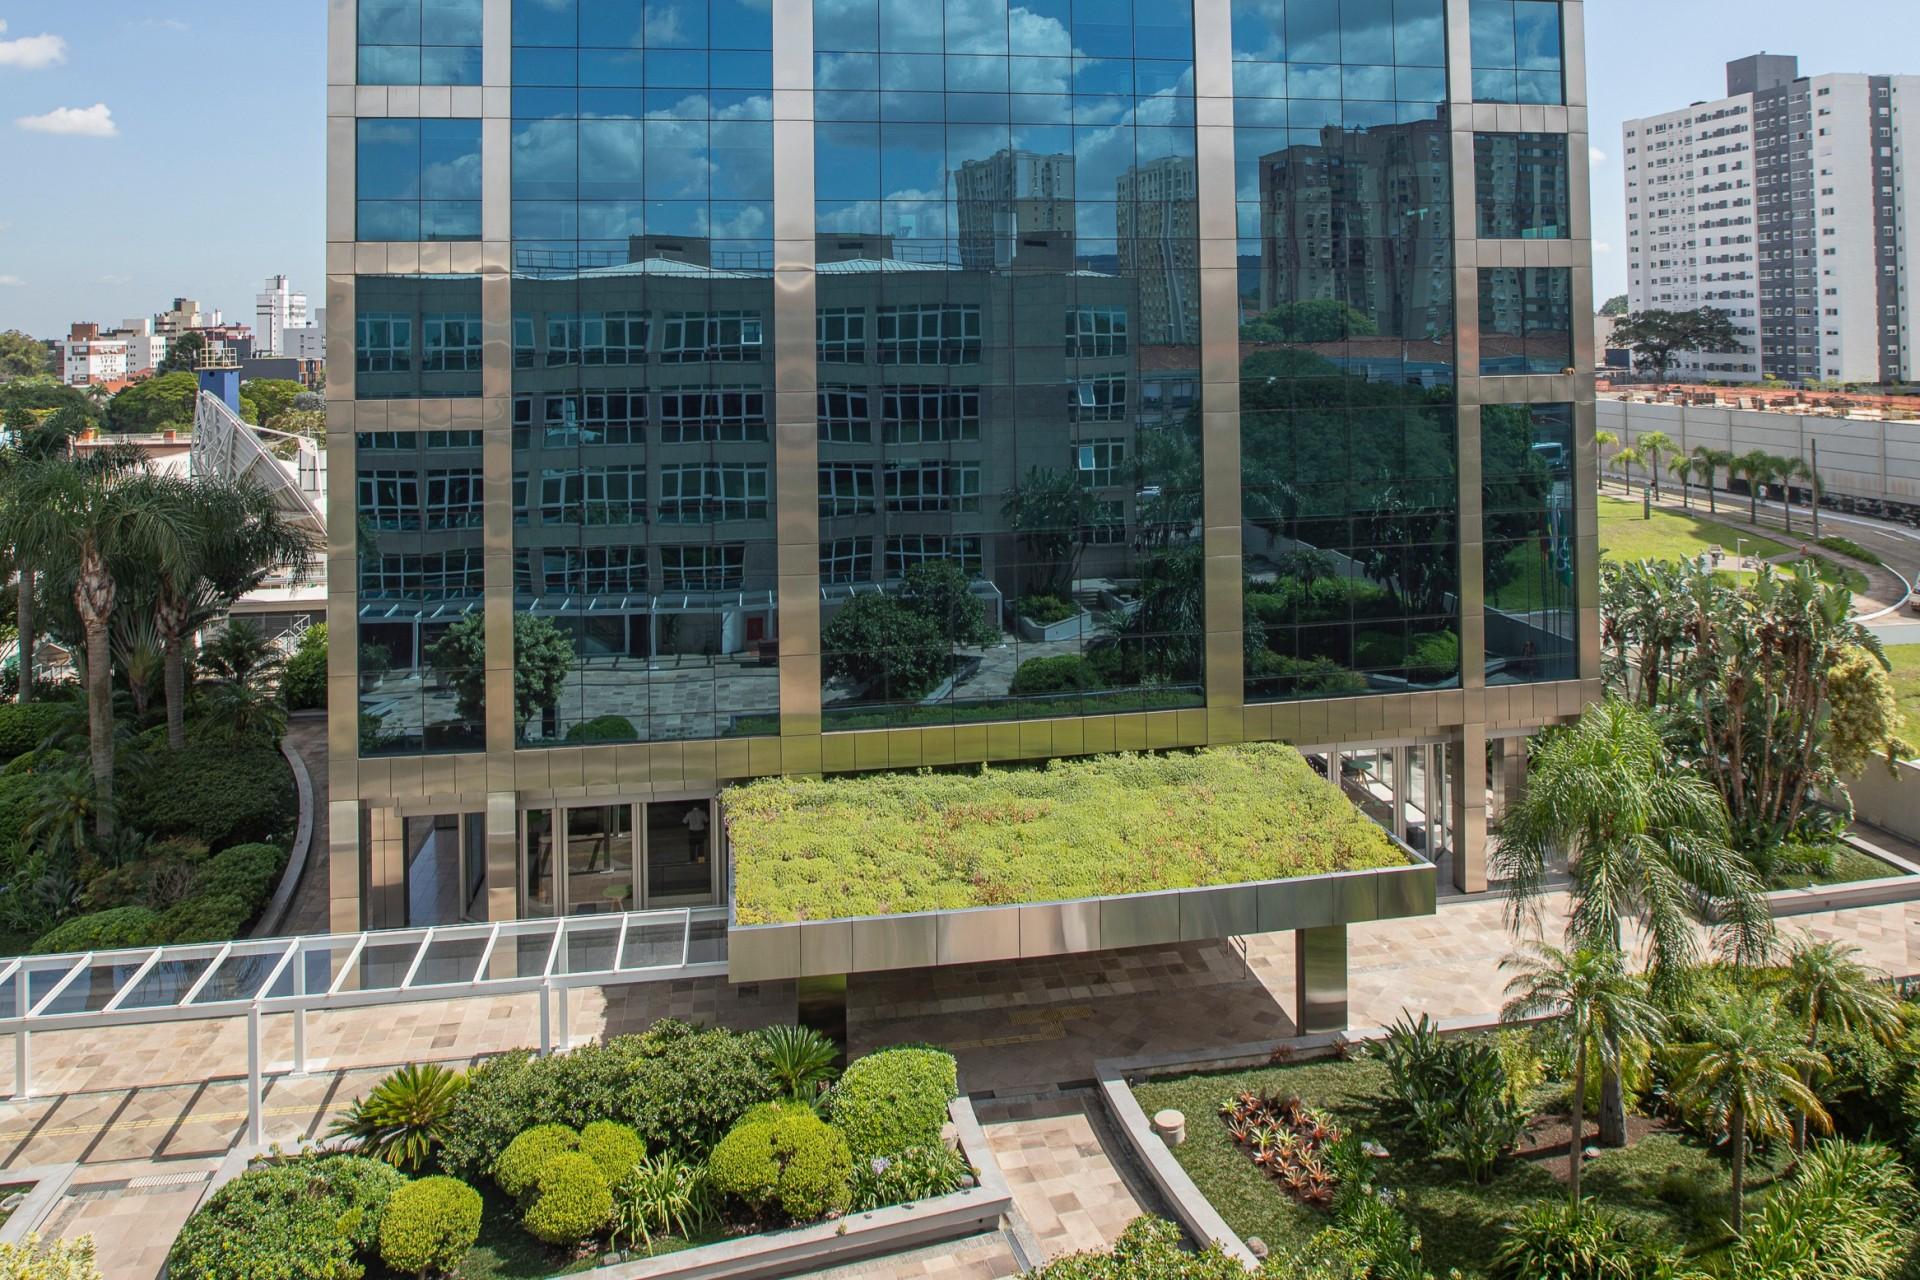 Sicredi expande e alcança marca de 5 milhões de associados